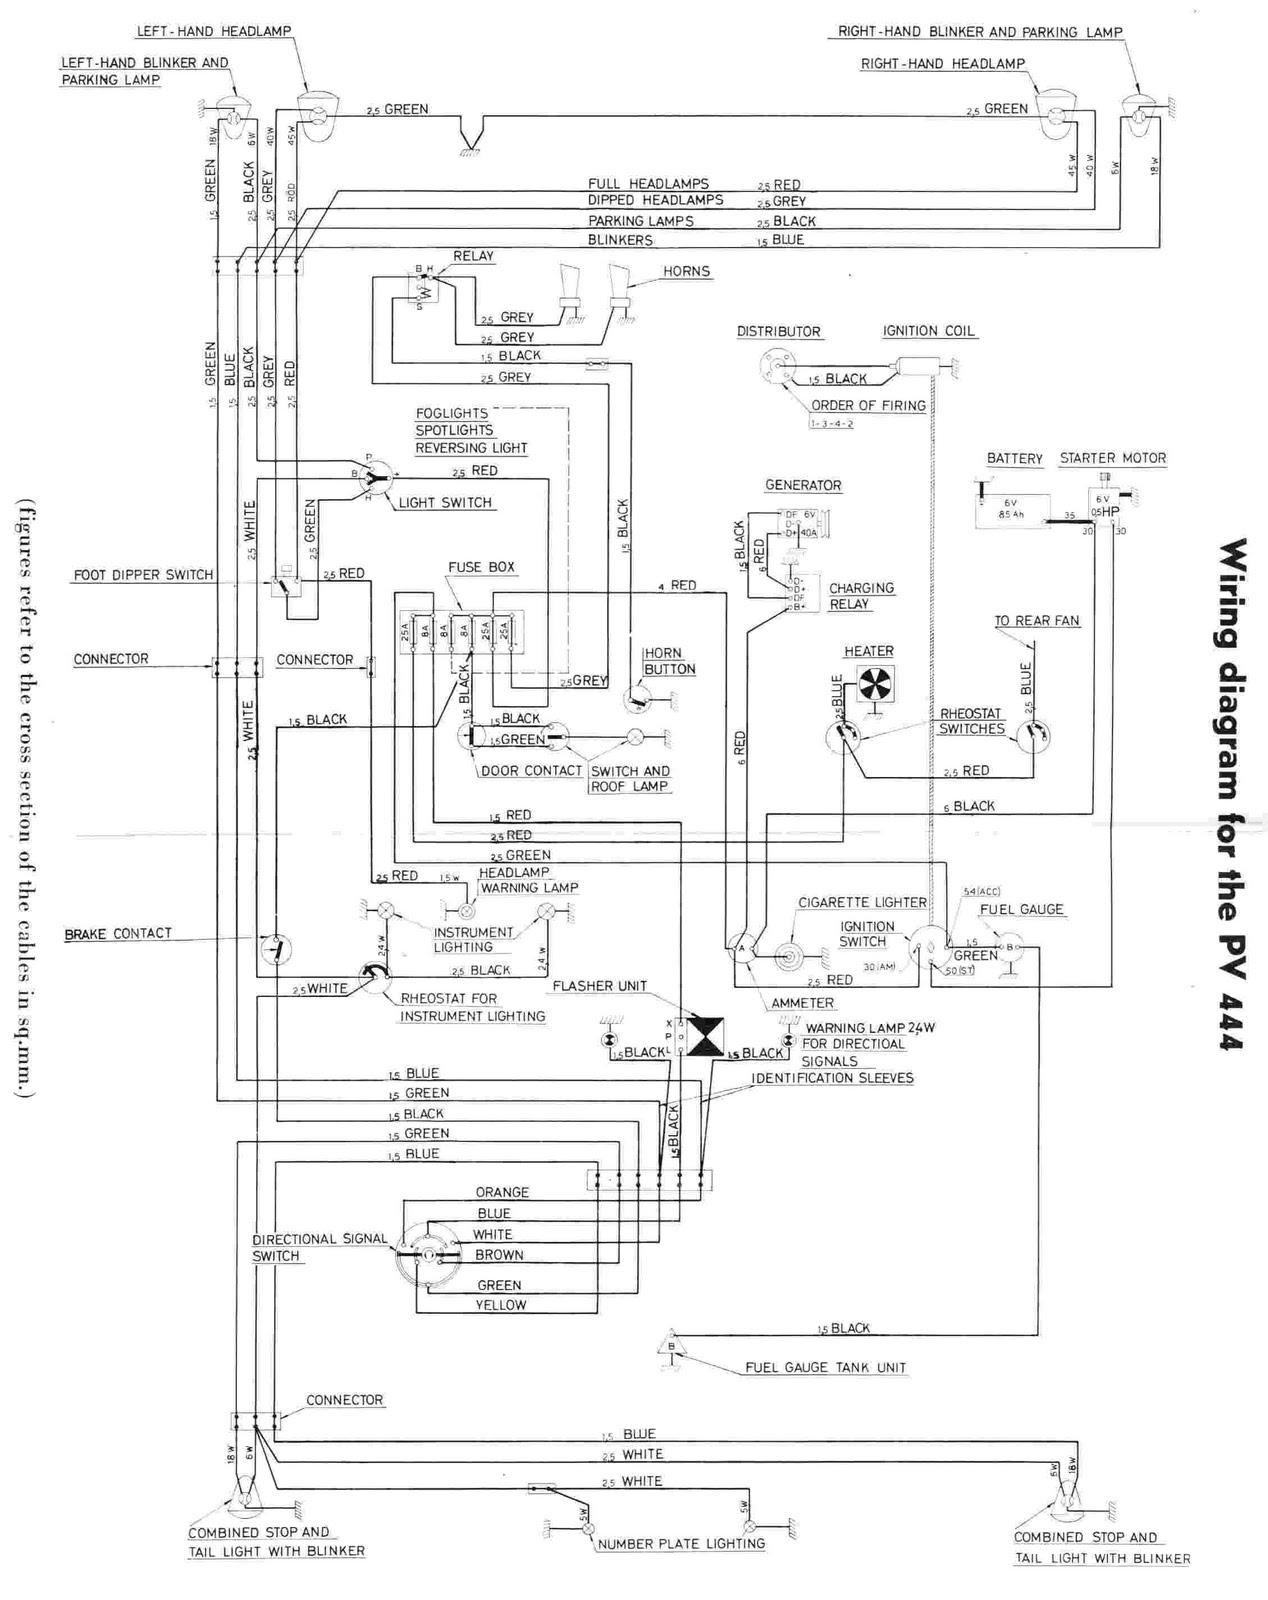 teleflex marine gauges wiring diagram 3 phase contactor tachometer wire get